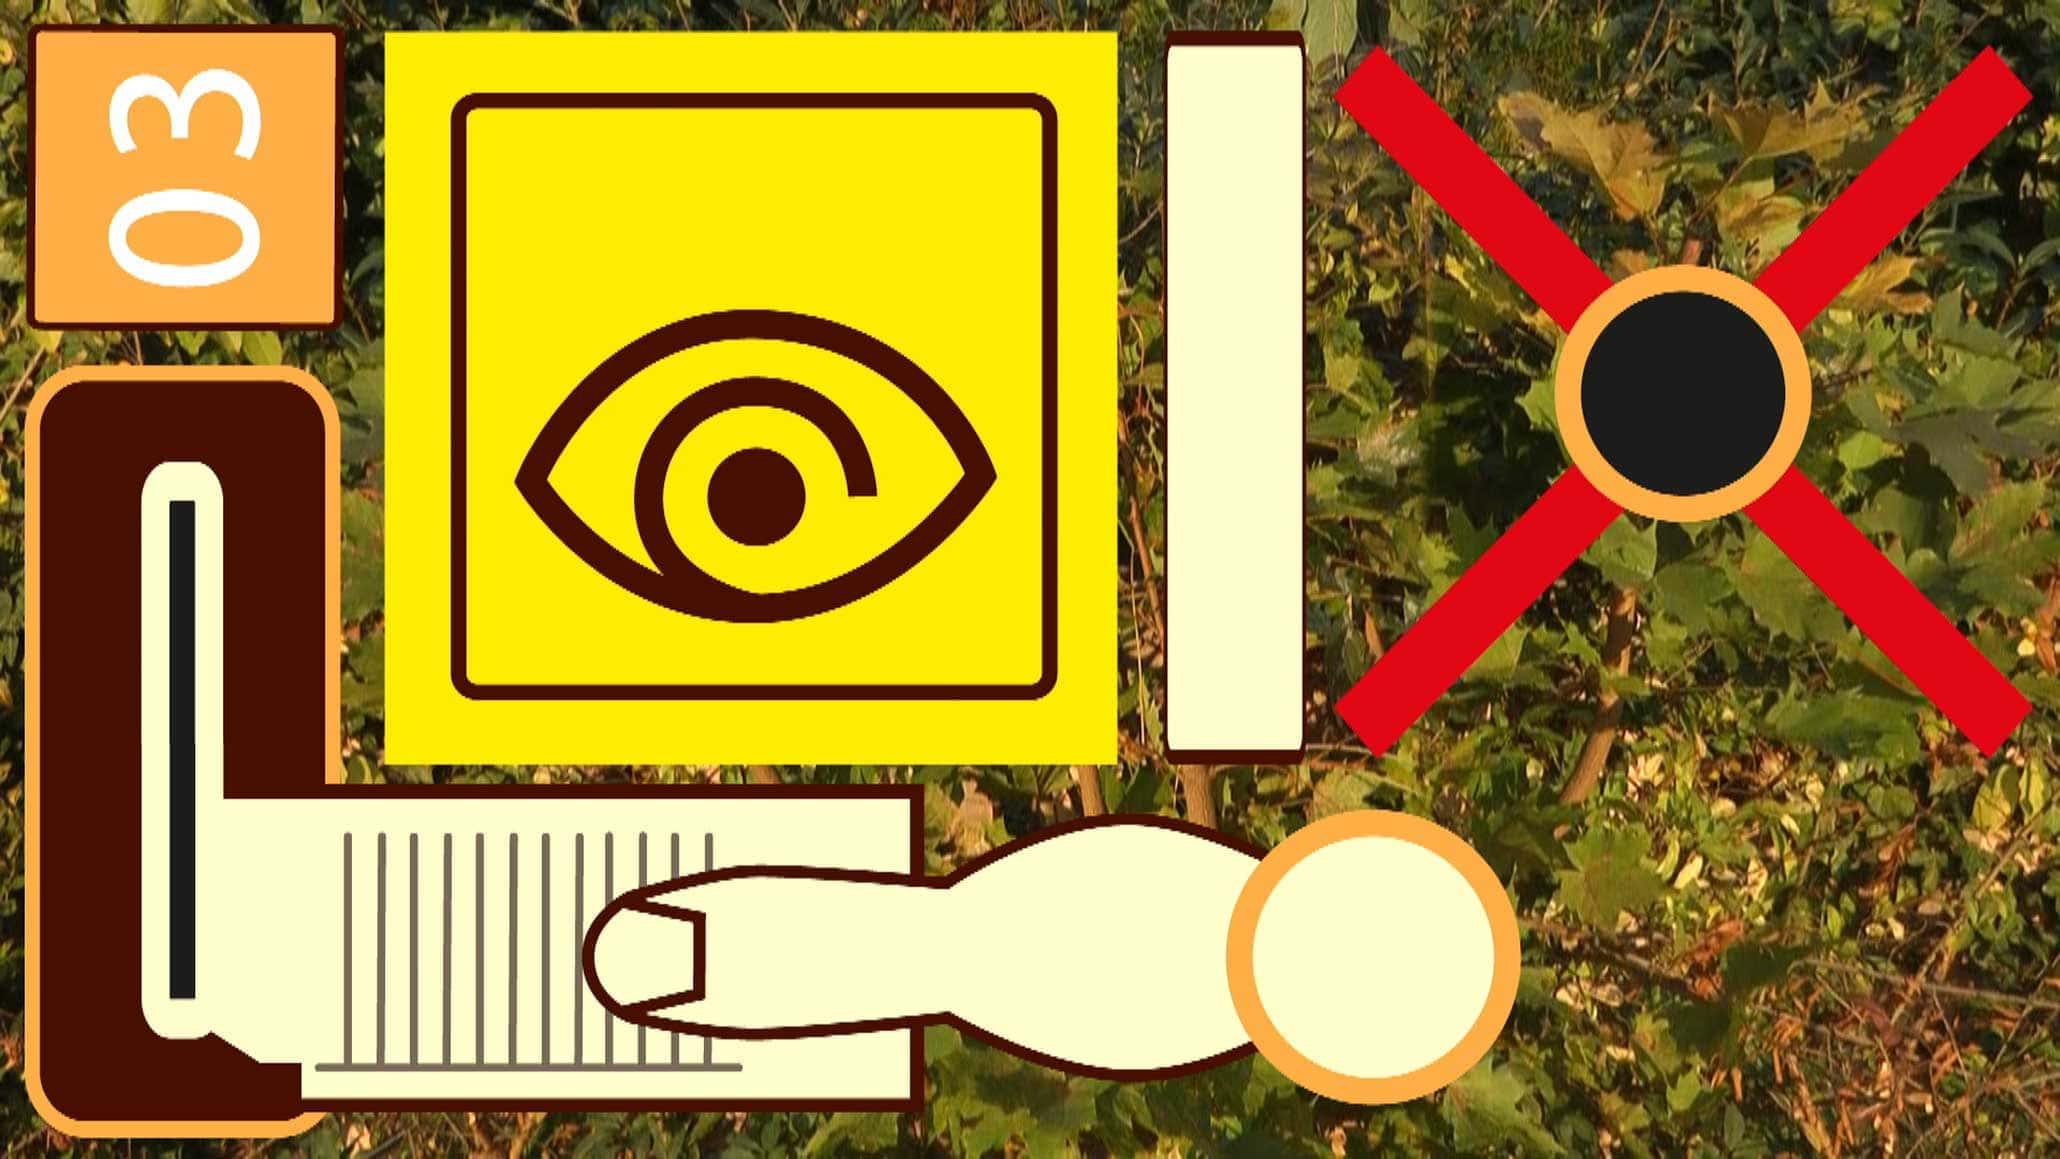 Myriam Thyes, Analytischer Tagtraum Nr. 1: S-Bahn-Station (2012), HD Video, 1:50, stereo. Videostill.